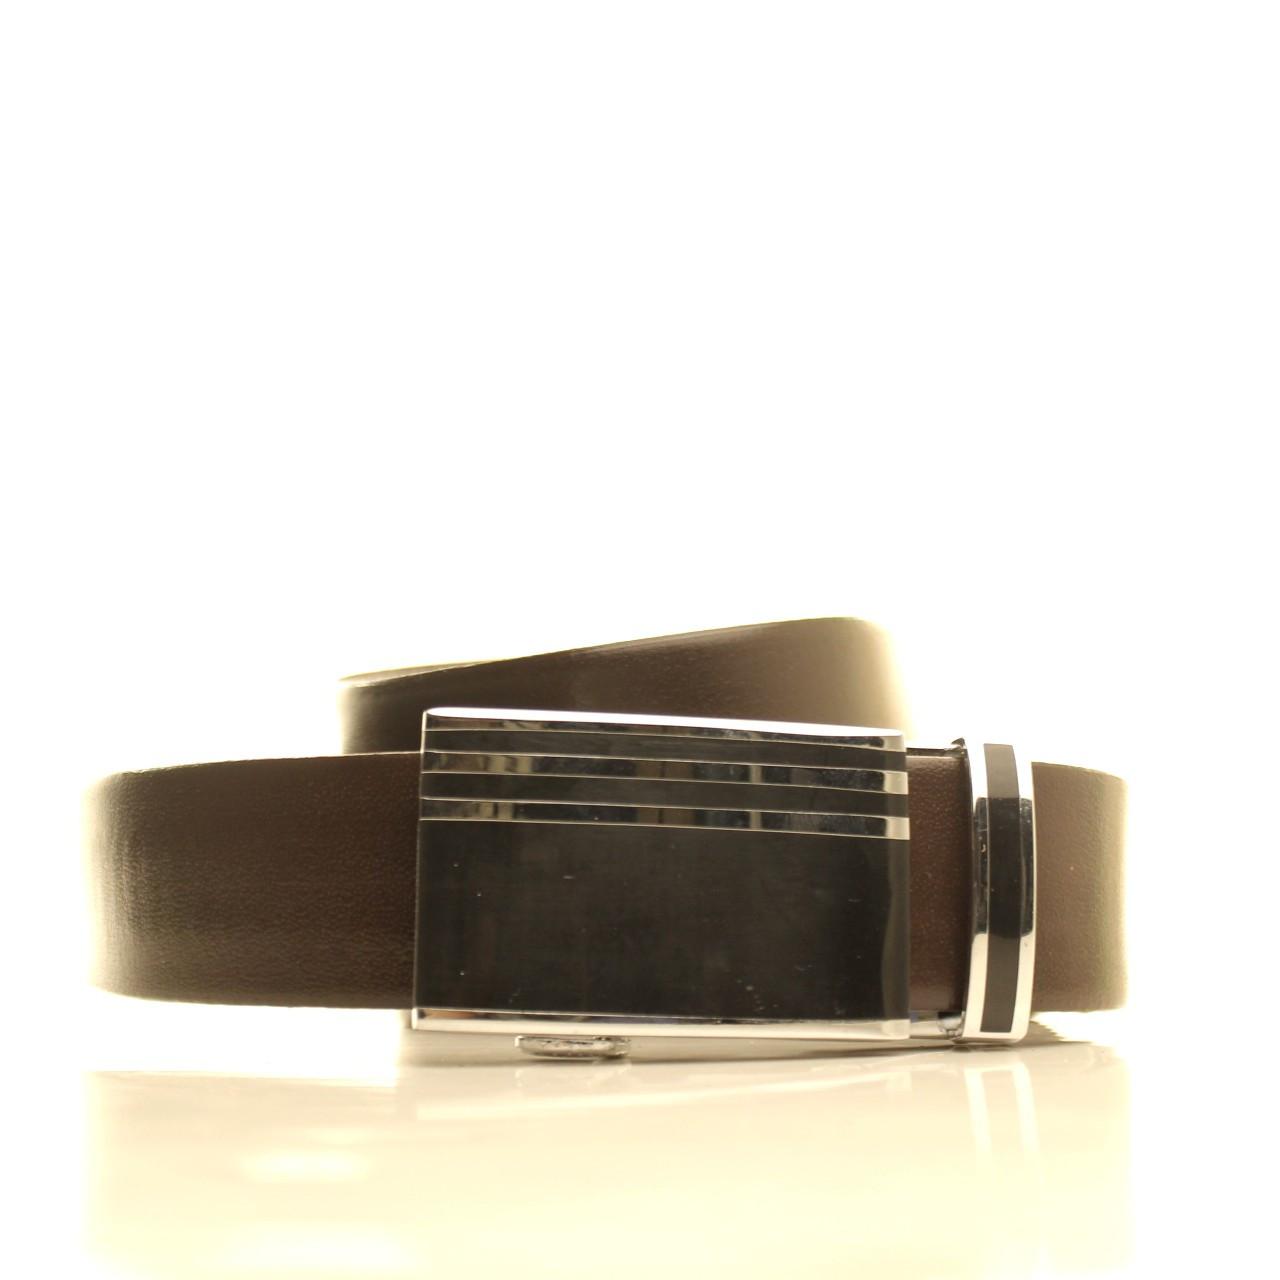 Ремень кожаный Lazar 120-125 см синий l35u1a119